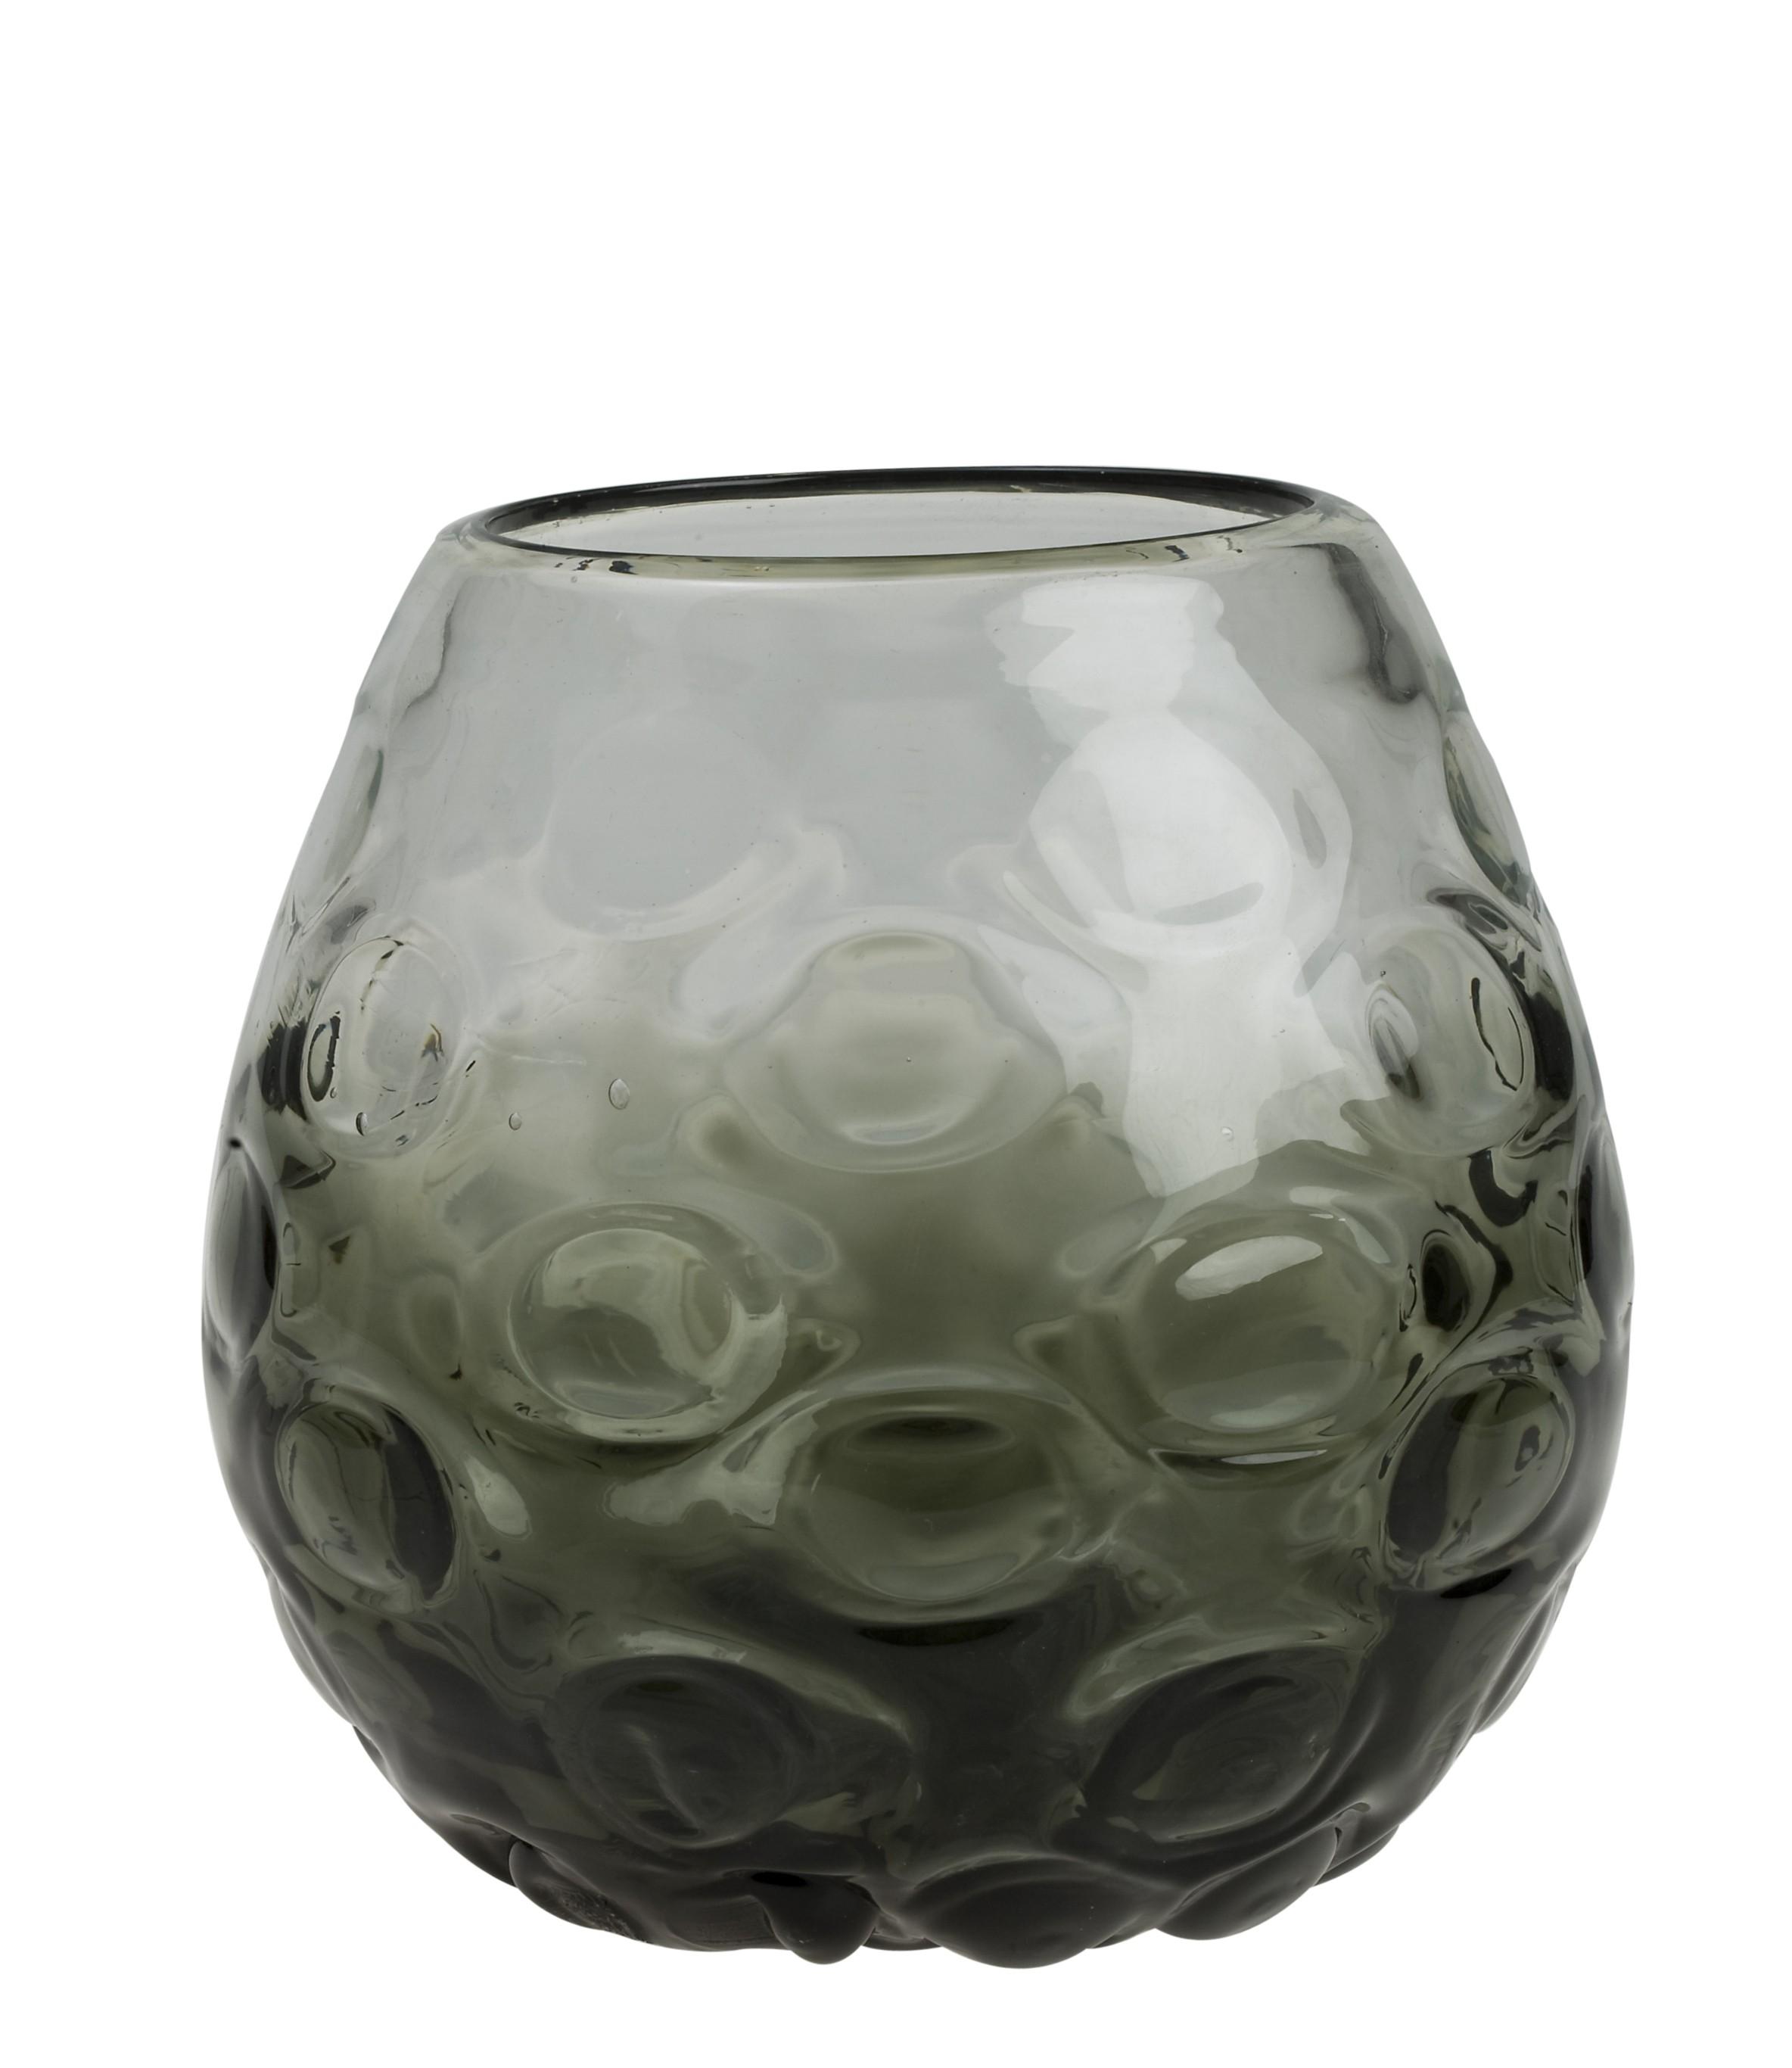 Ανθοδοχείο - Μπάλα Smokey Φυσητό Γυαλί 16,5cm home   κρυσταλλα  διακοσμηση   κρύσταλλα